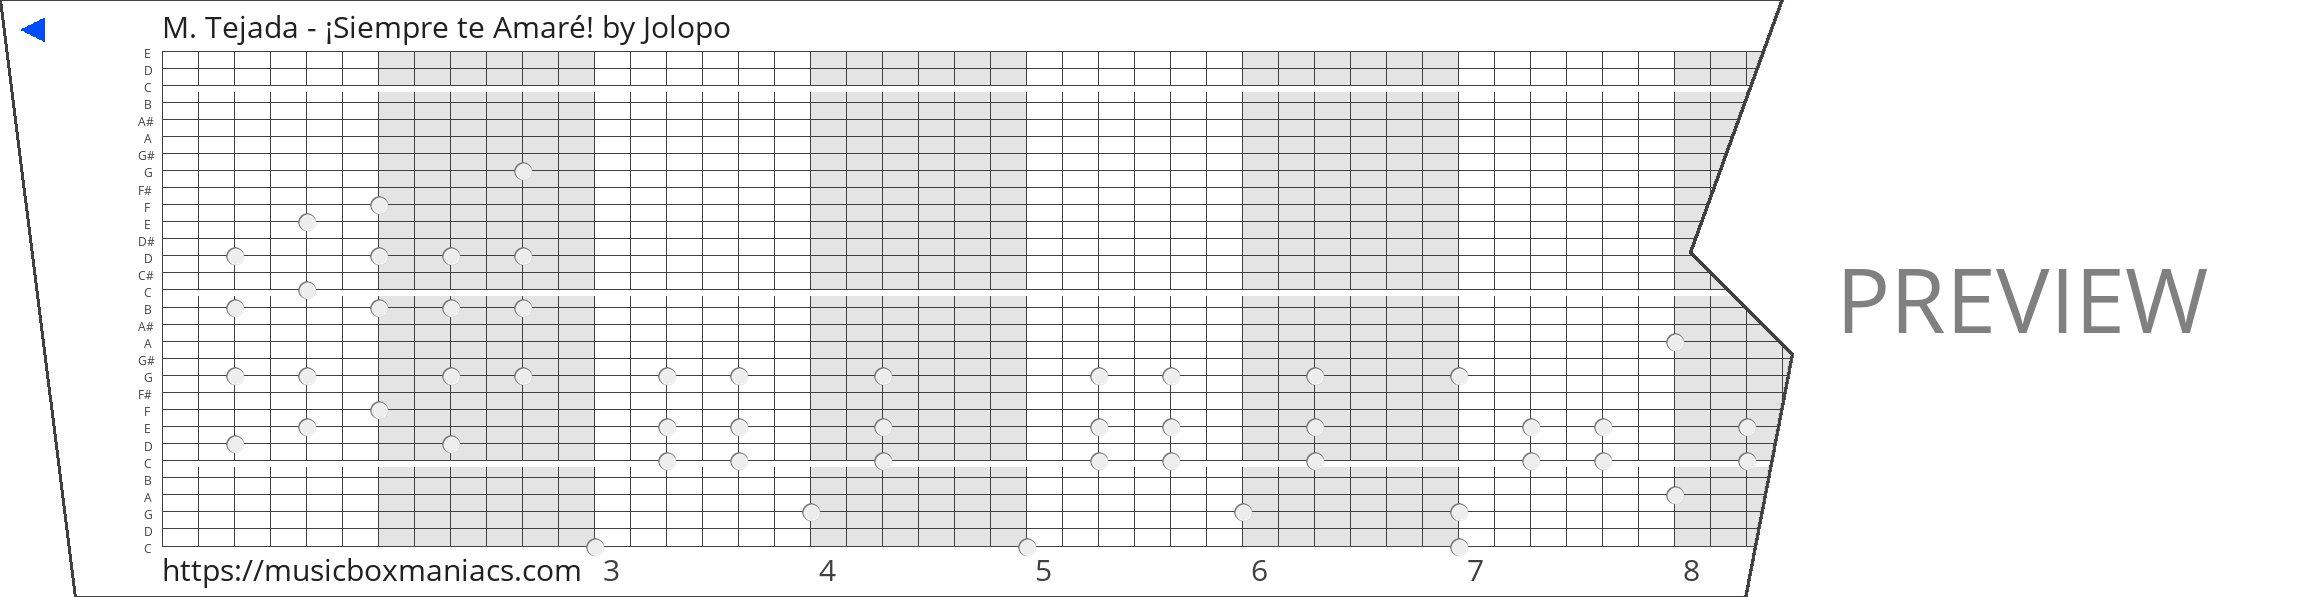 M. Tejada - ¡Siempre te Amaré! 30 note music box paper strip